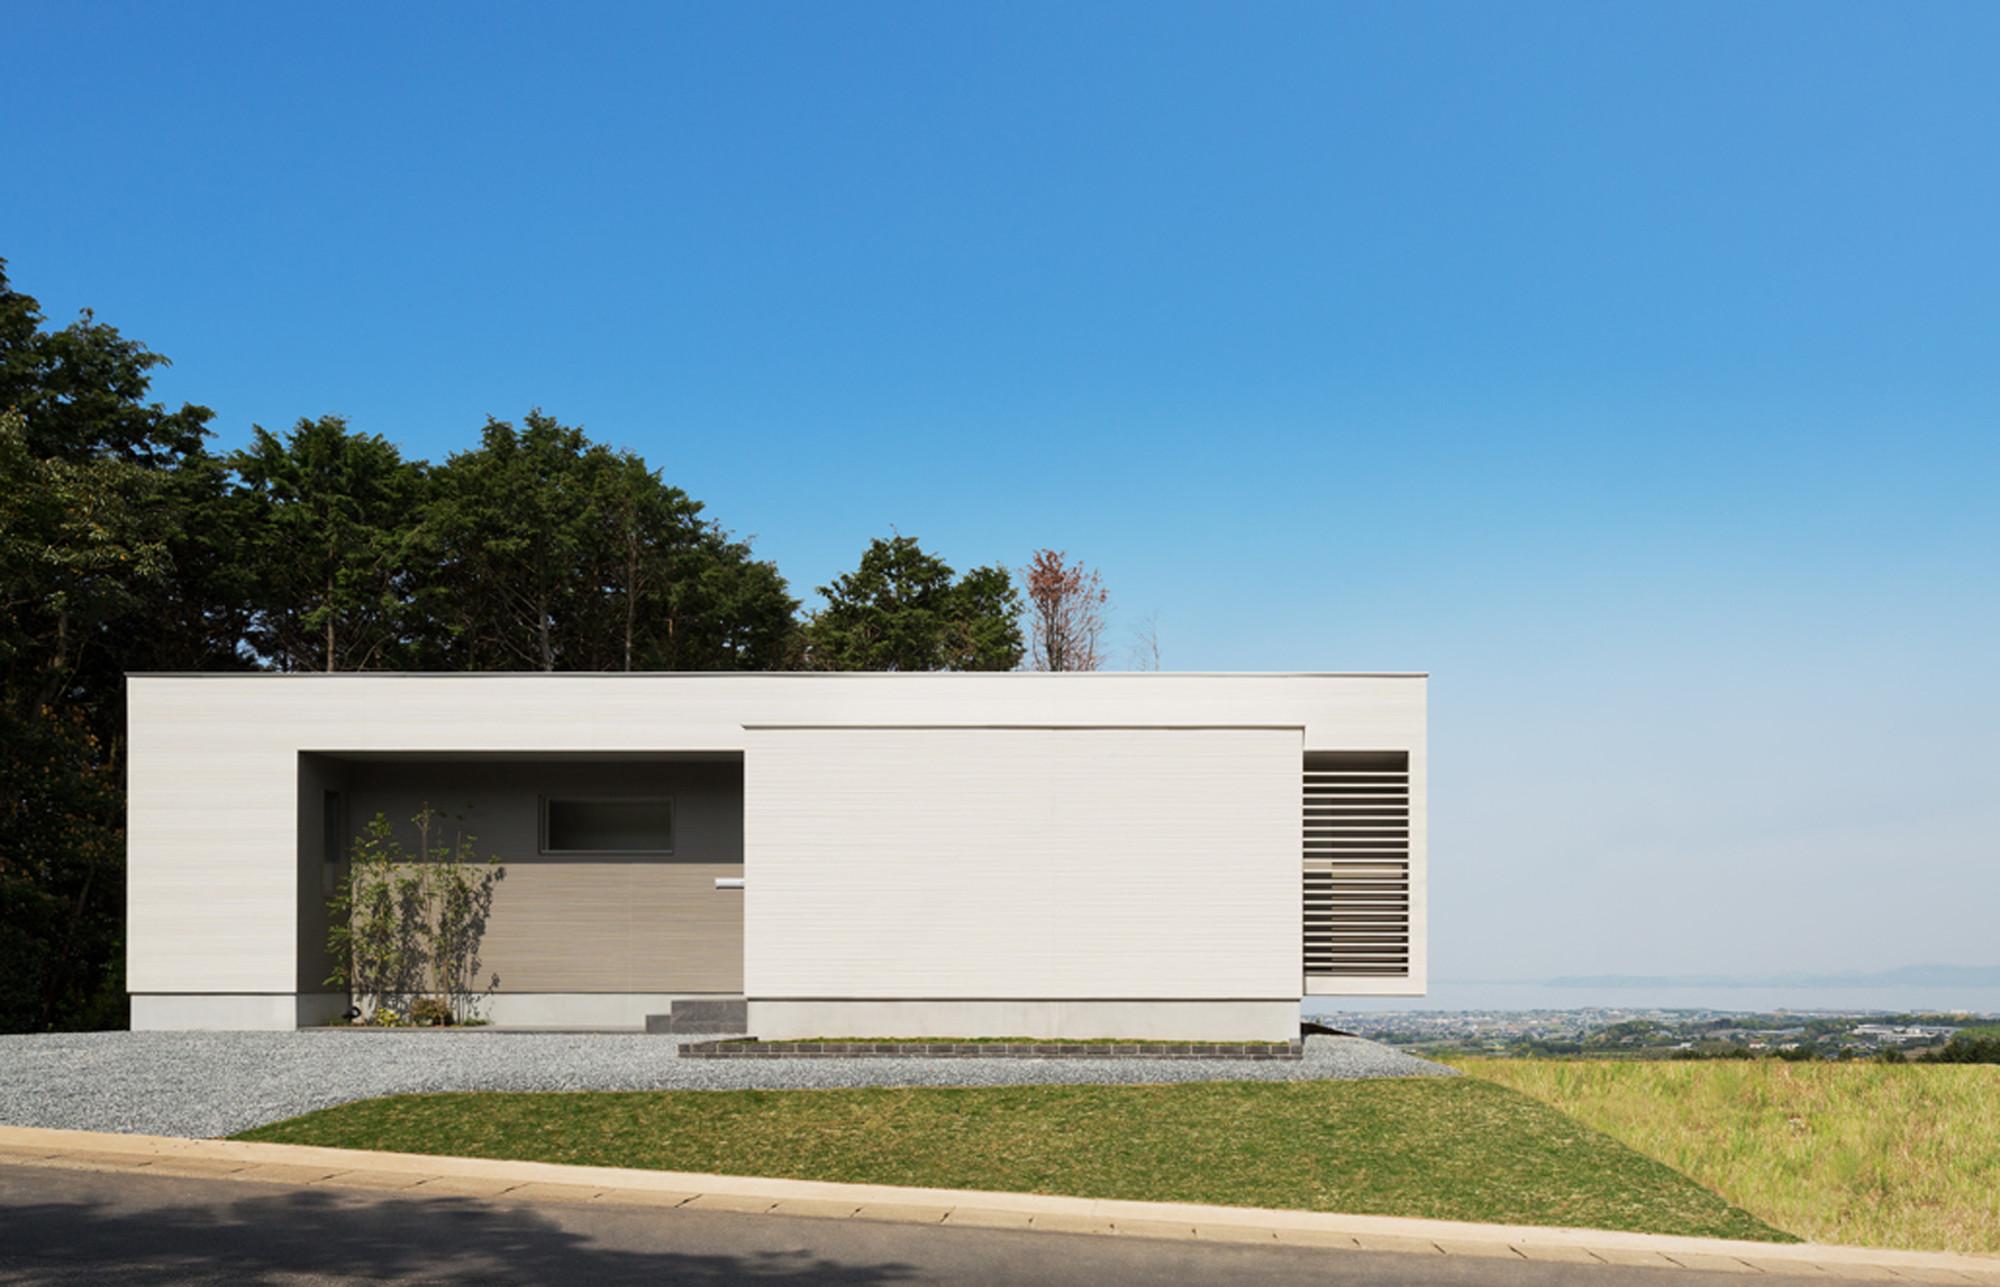 Y7-House / Architect Show, © Toshihisa Ishii